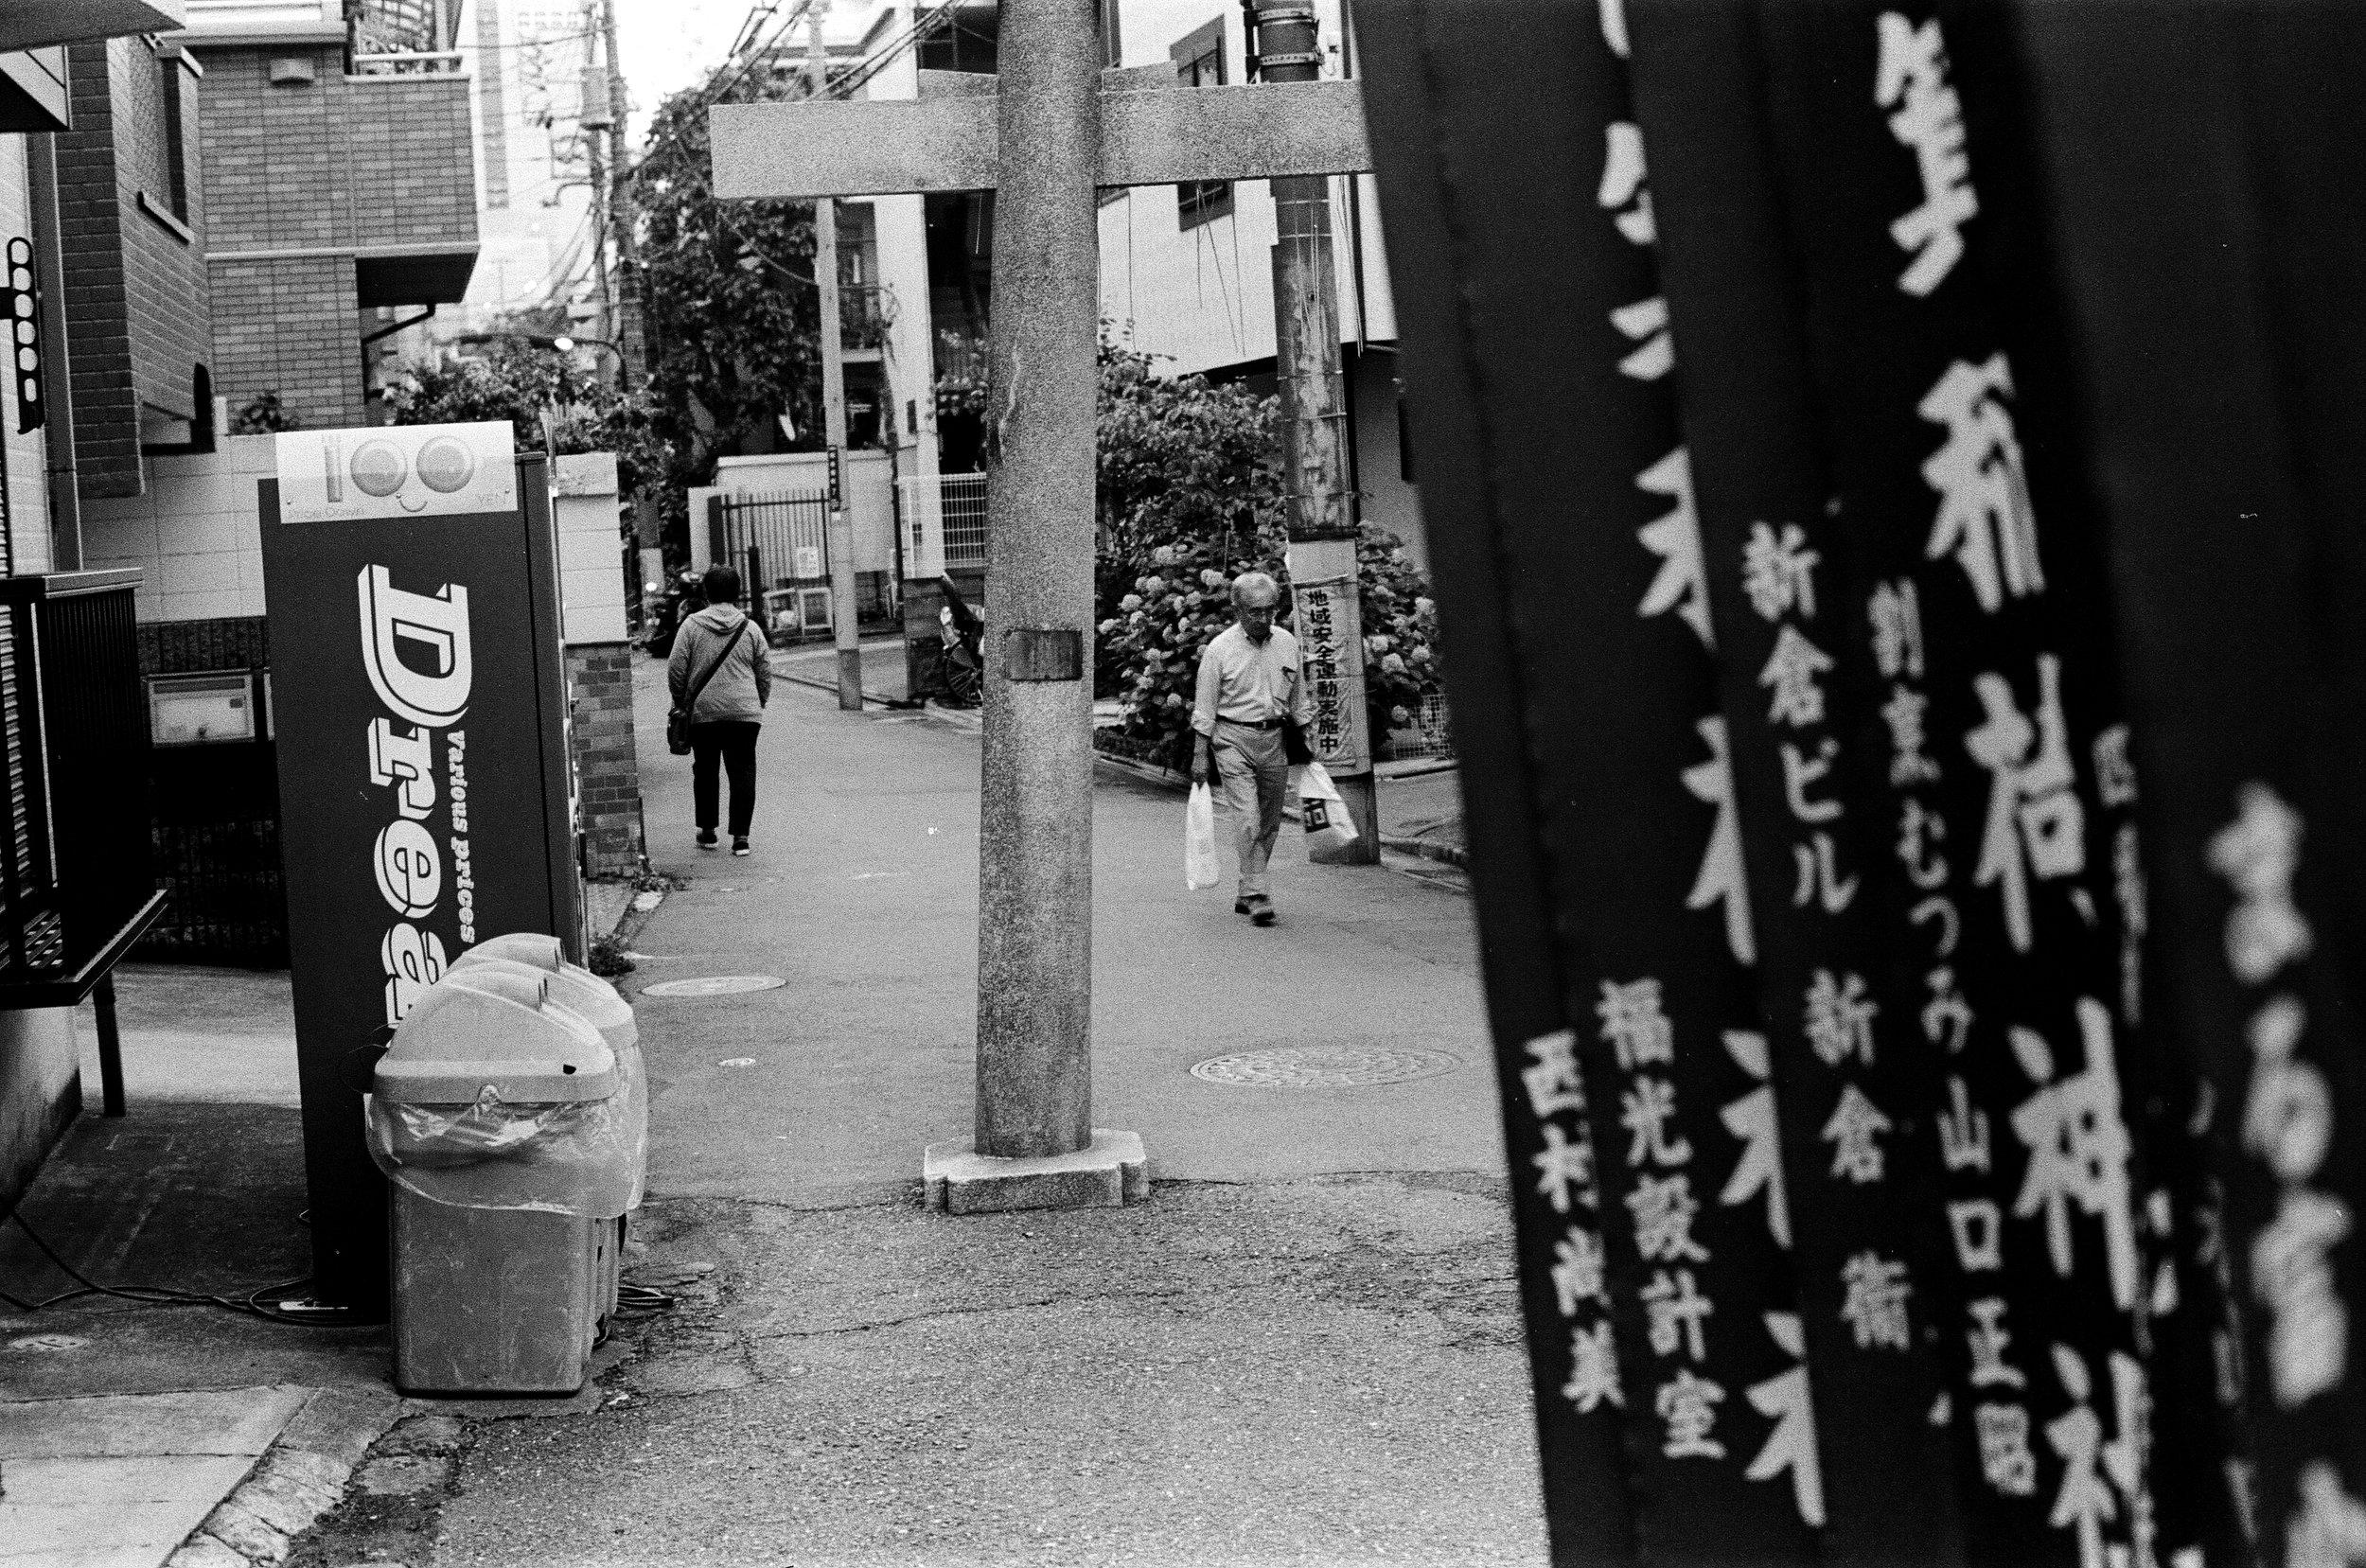 BW_TOKYO_000035000035.jpg